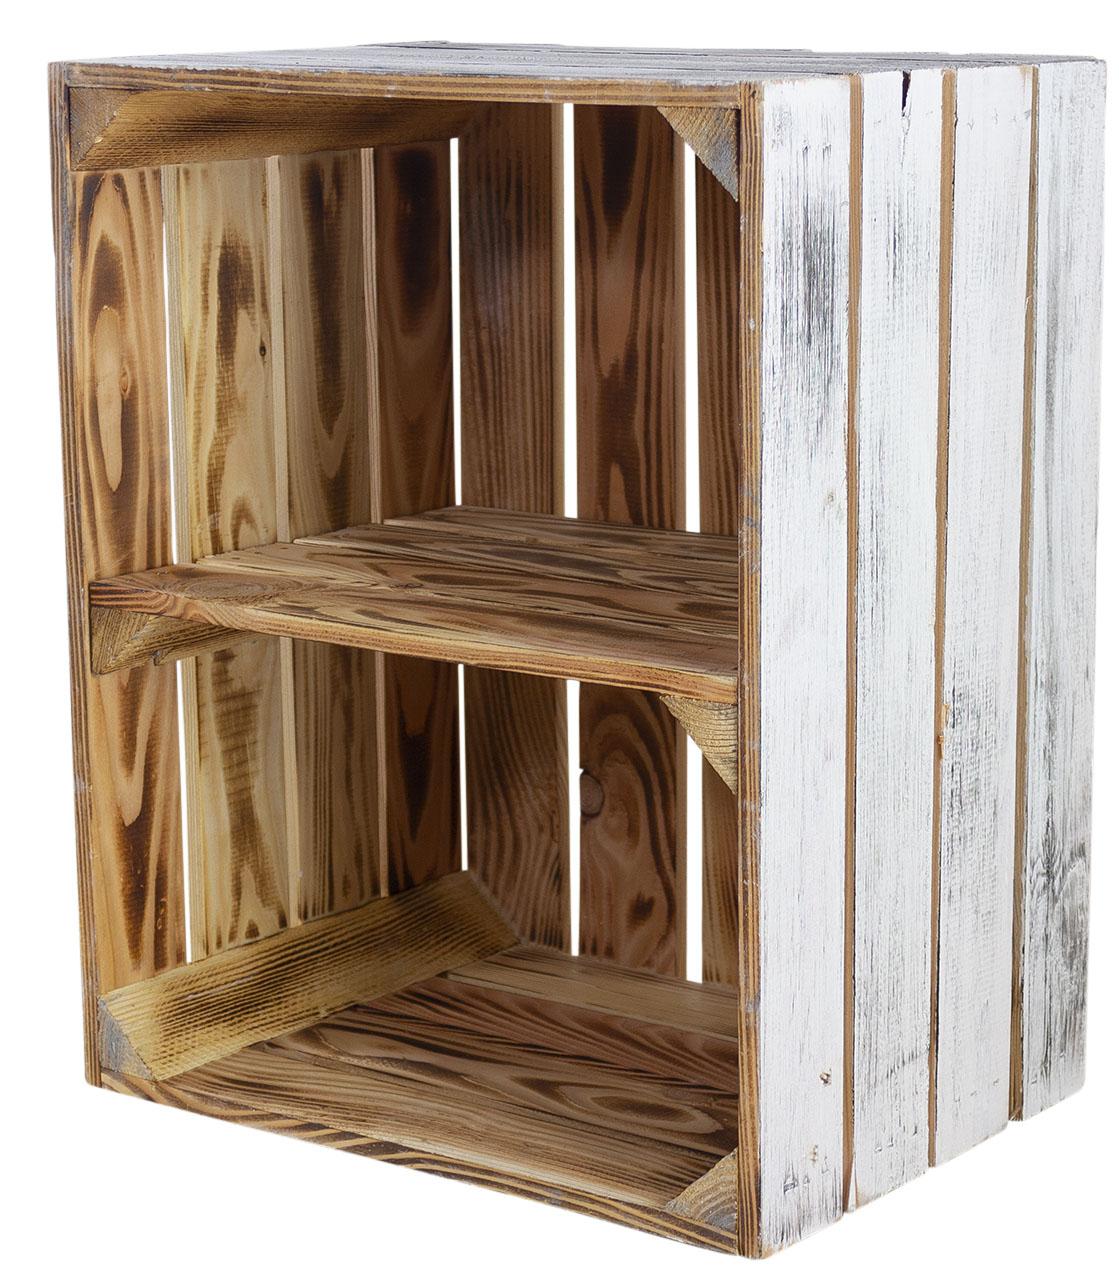 Holzkiste mit Mittelbrett quer - außen vintage innen geflammt 50x40x30cm